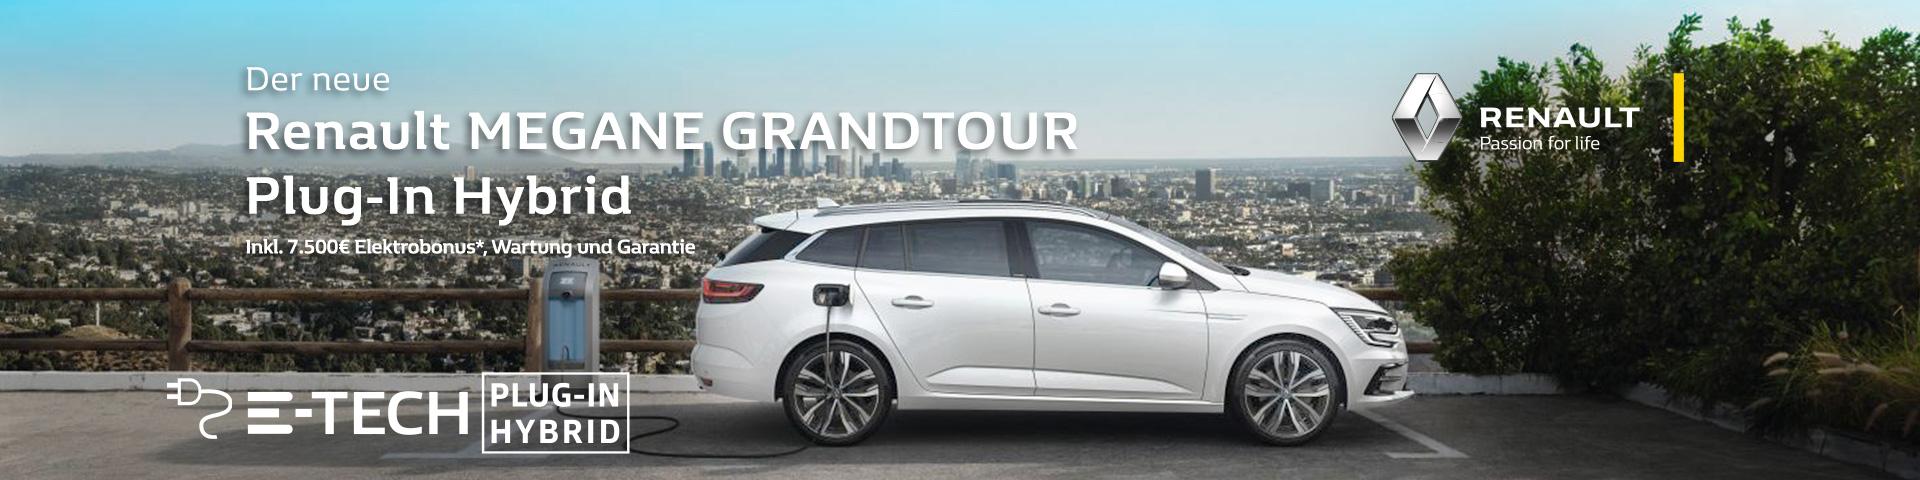 Renault Megane Grandtour Plugin-Hybrid